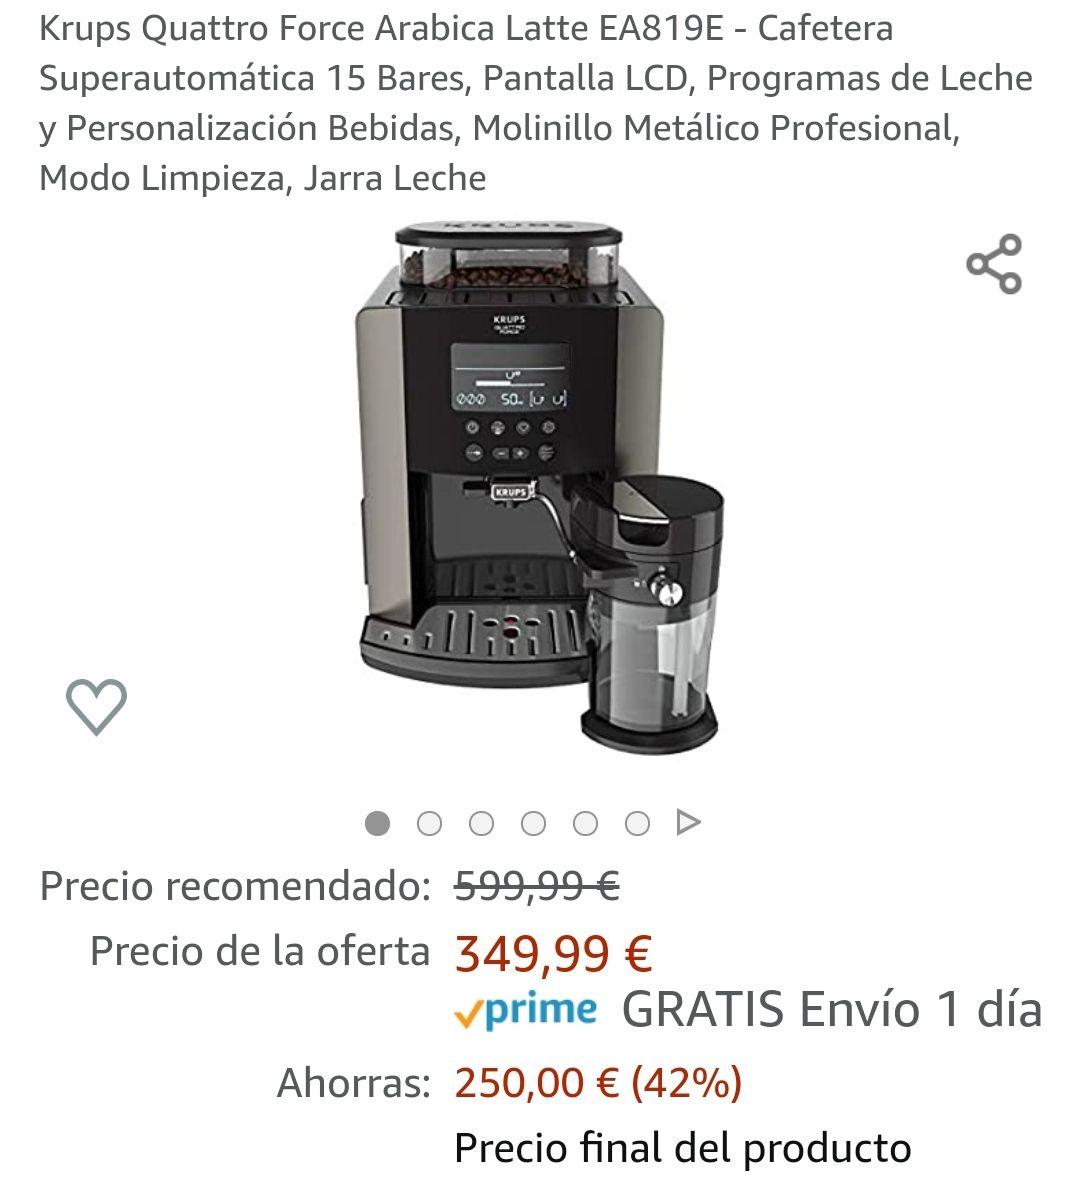 Cafetera Krups Quattro Force Arábica Latte EA819E